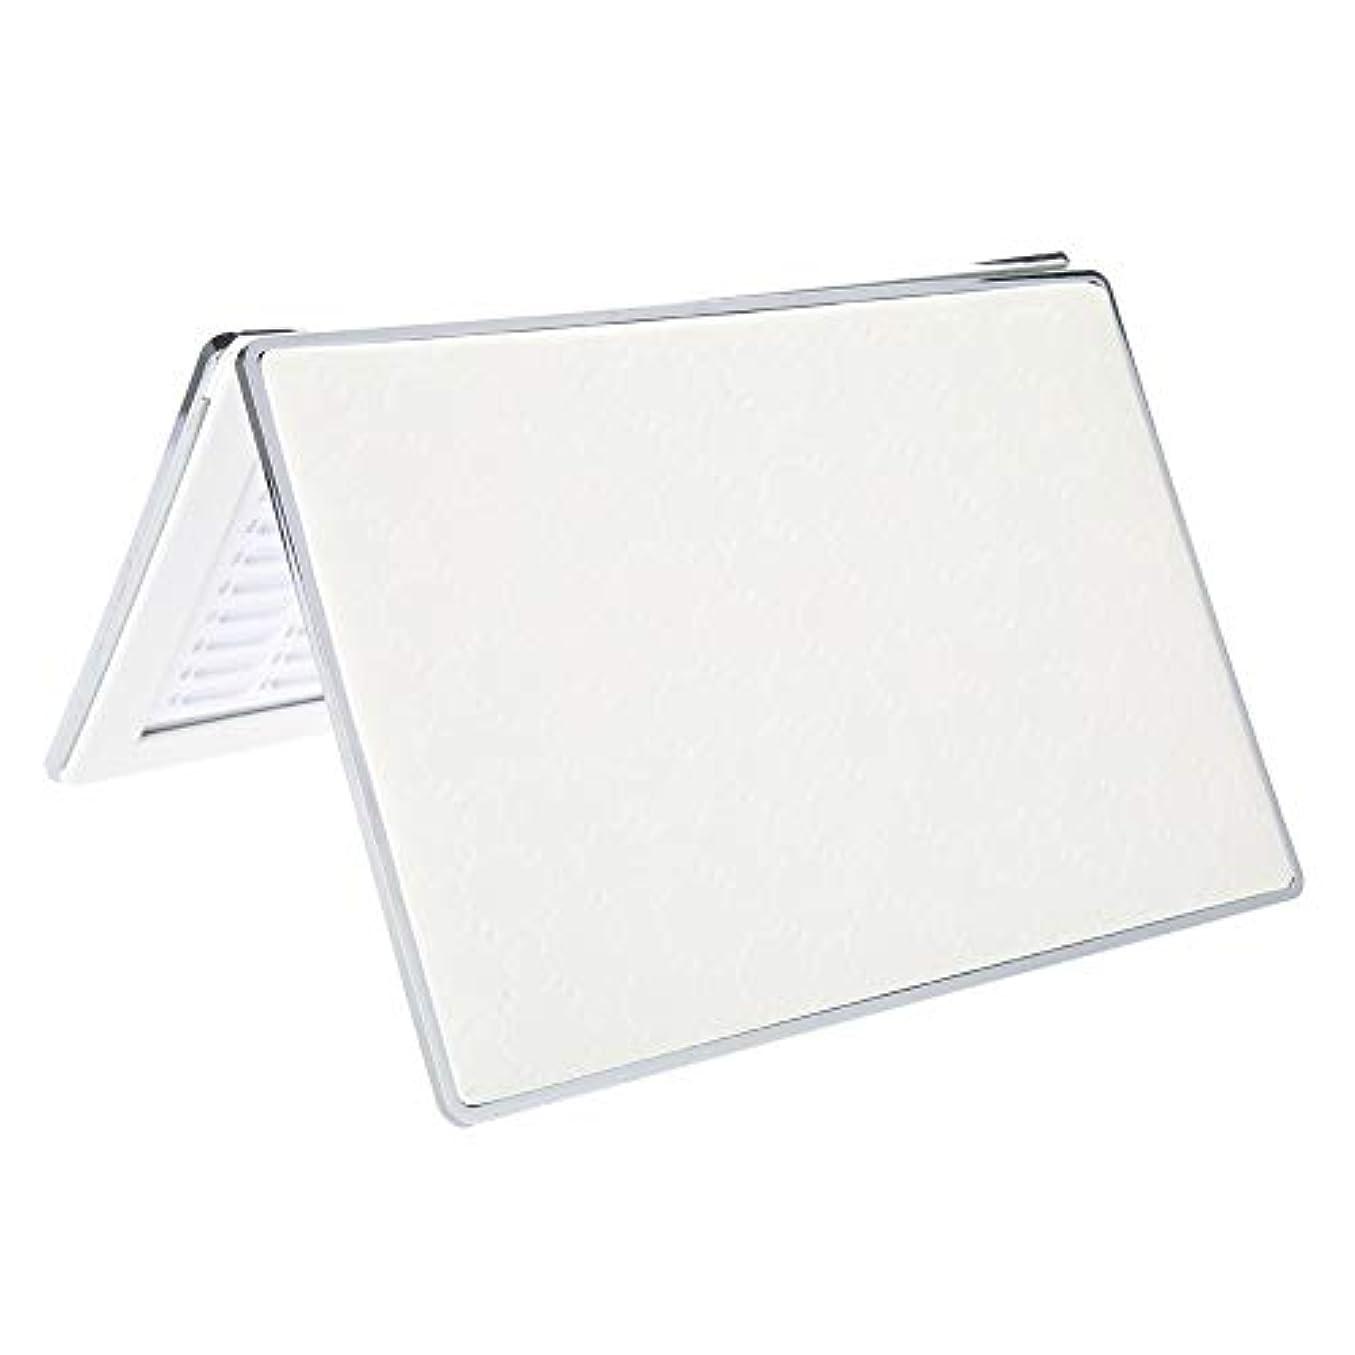 誠意アカデミー図書館ネイルアートディスプレイ 160色 ディスプレイスタンド プラスチック板 ネイルポリッシュカラー ディスプレイ サロン アクセサリー(03)